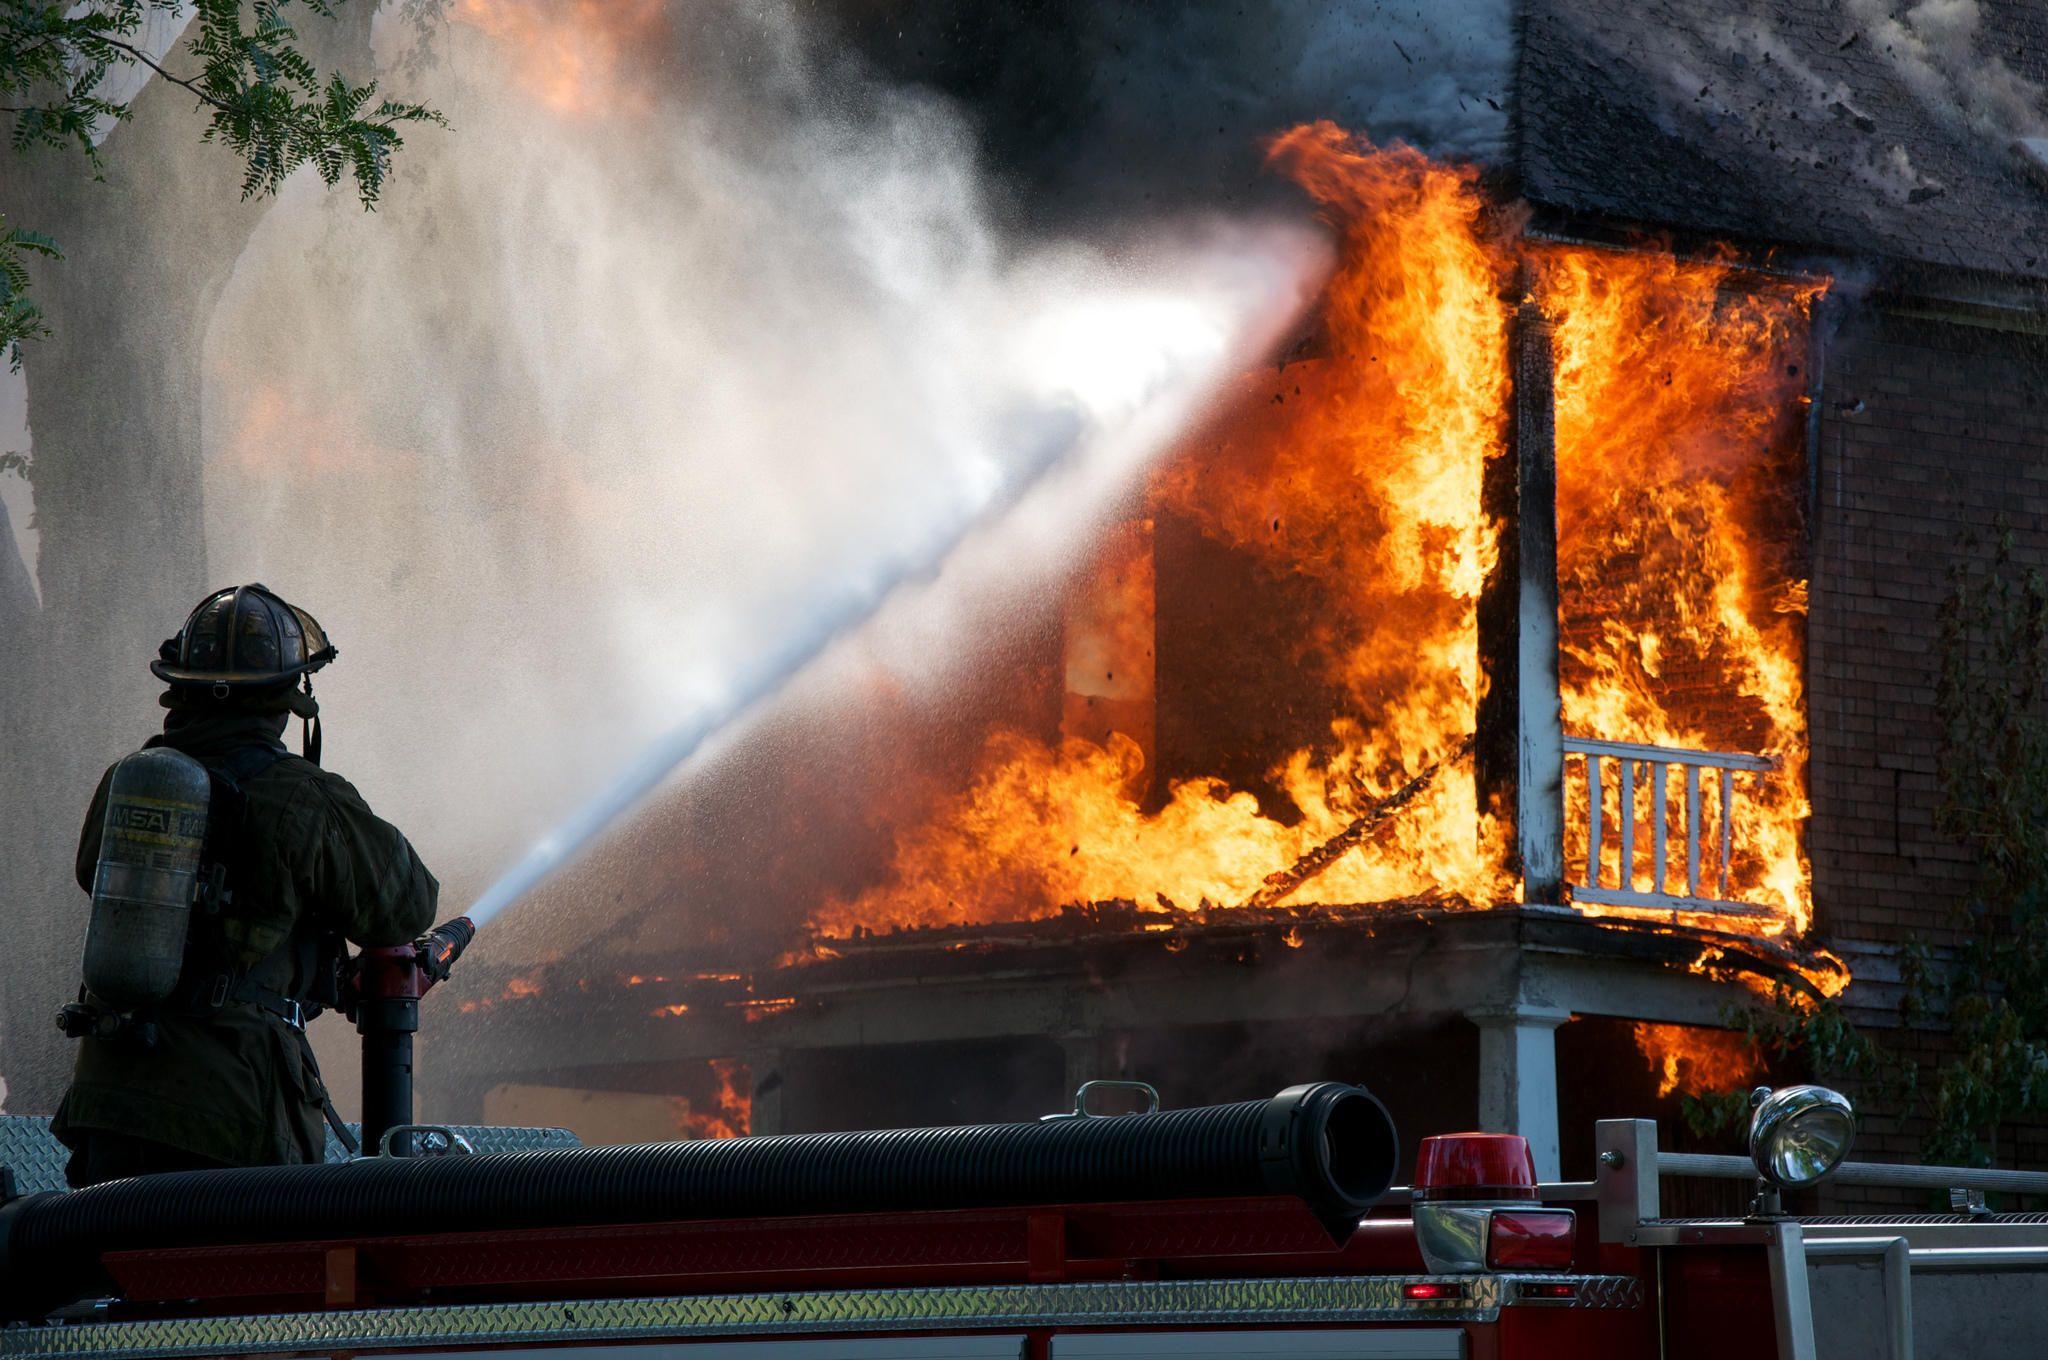 Картинка пожарные тушат пожар в частном доме